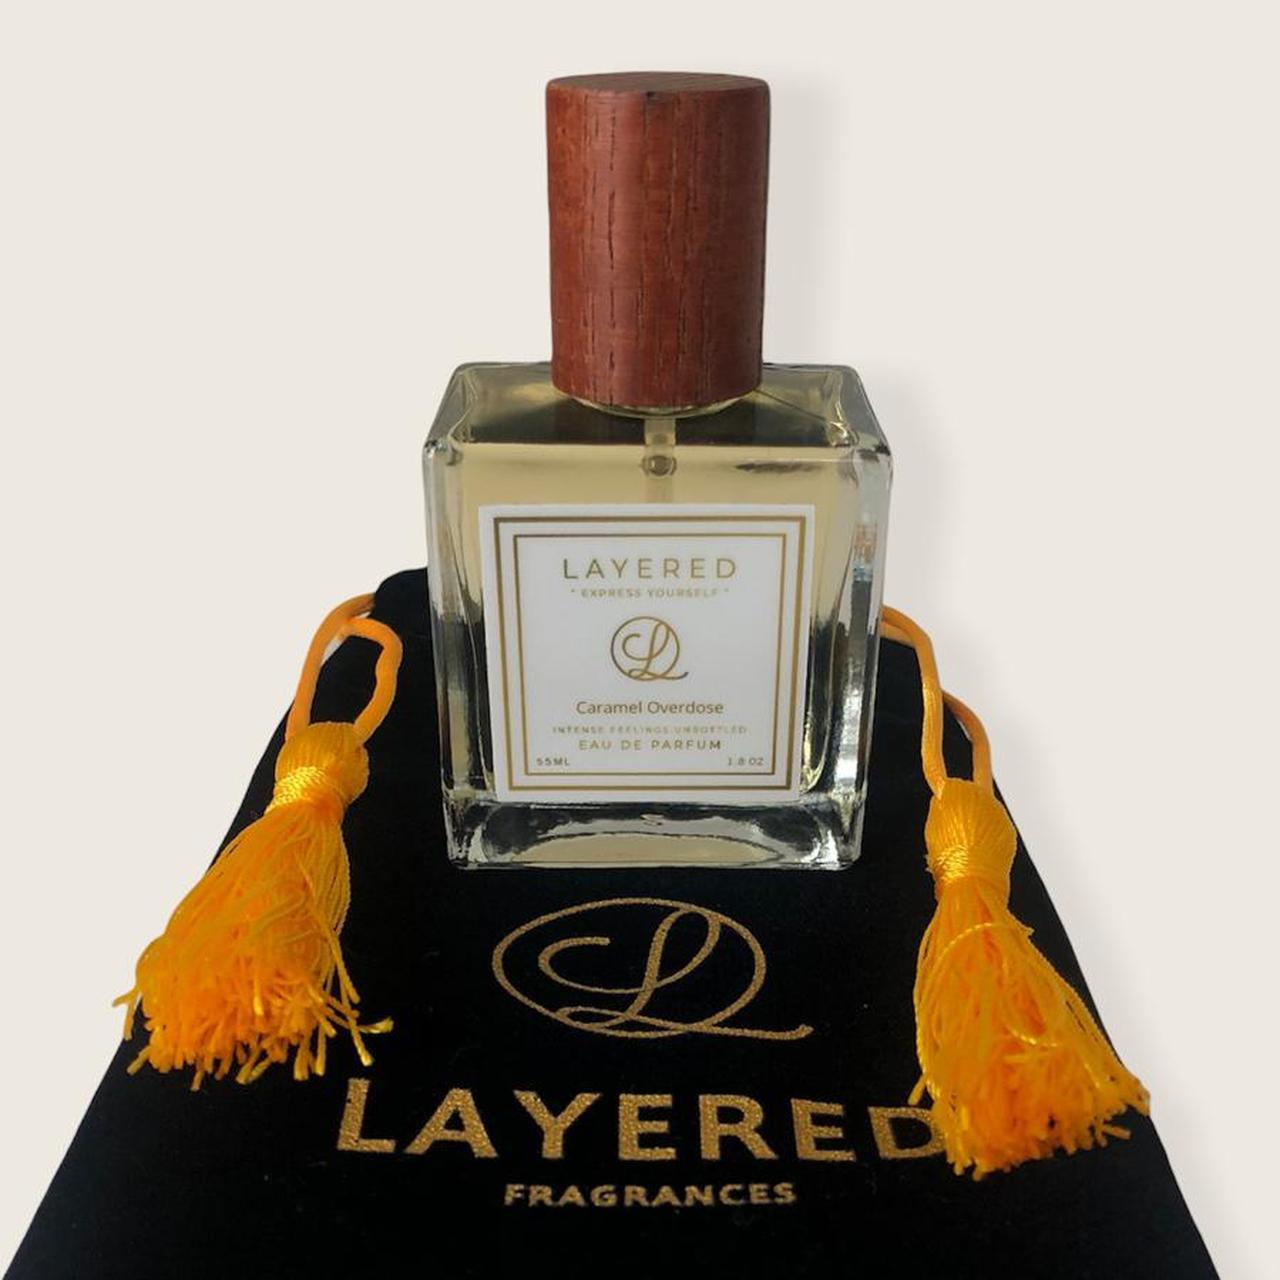 Product Image 1 - Be Layered Caramel Overdose Perfume❗️$78